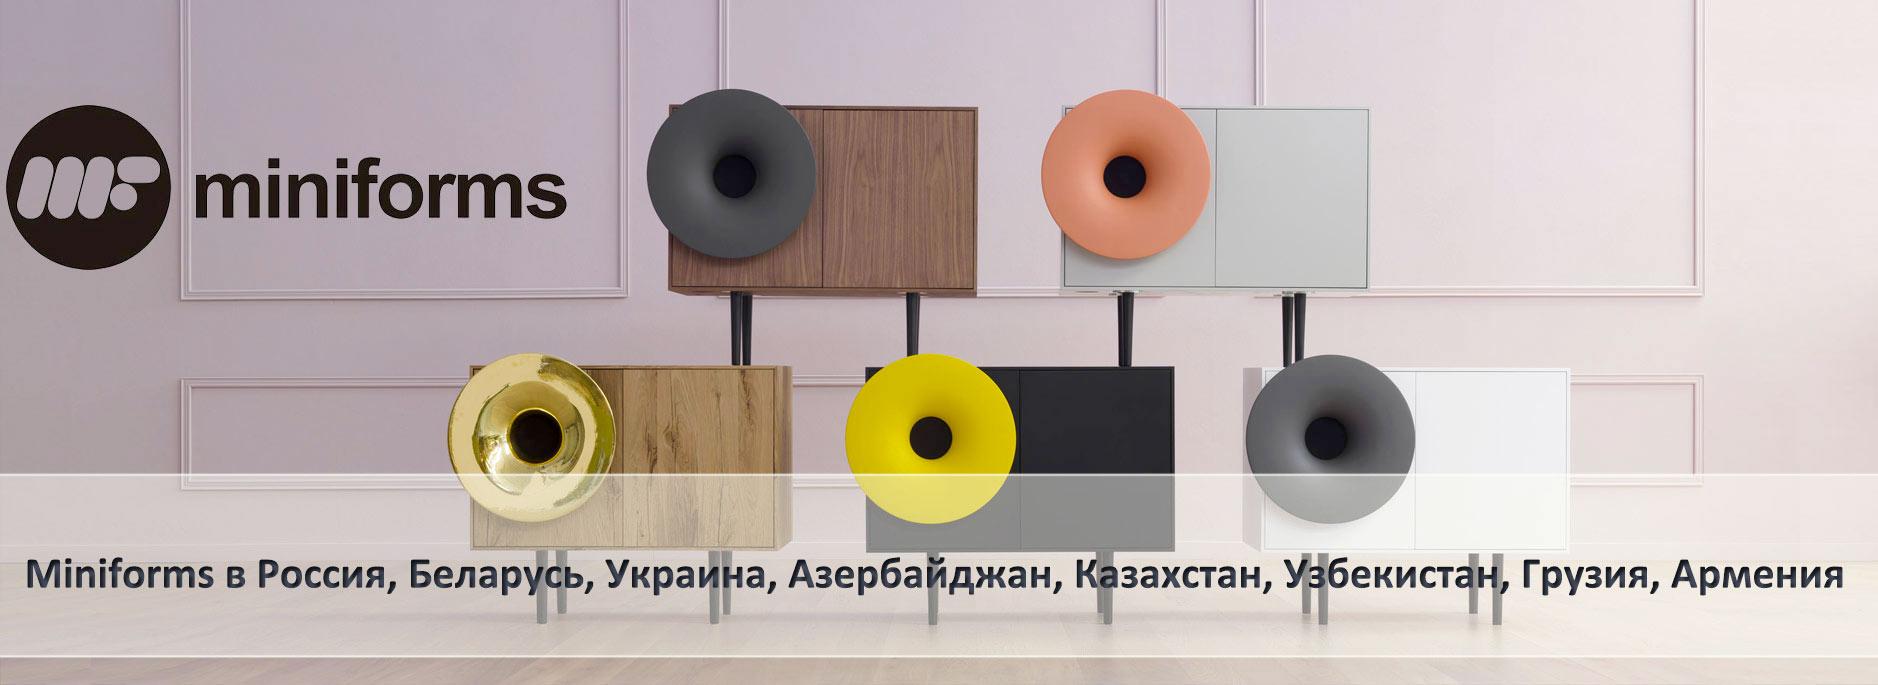 Miniiforms agenzia di rappresentanza russia csi caucaso ucraina